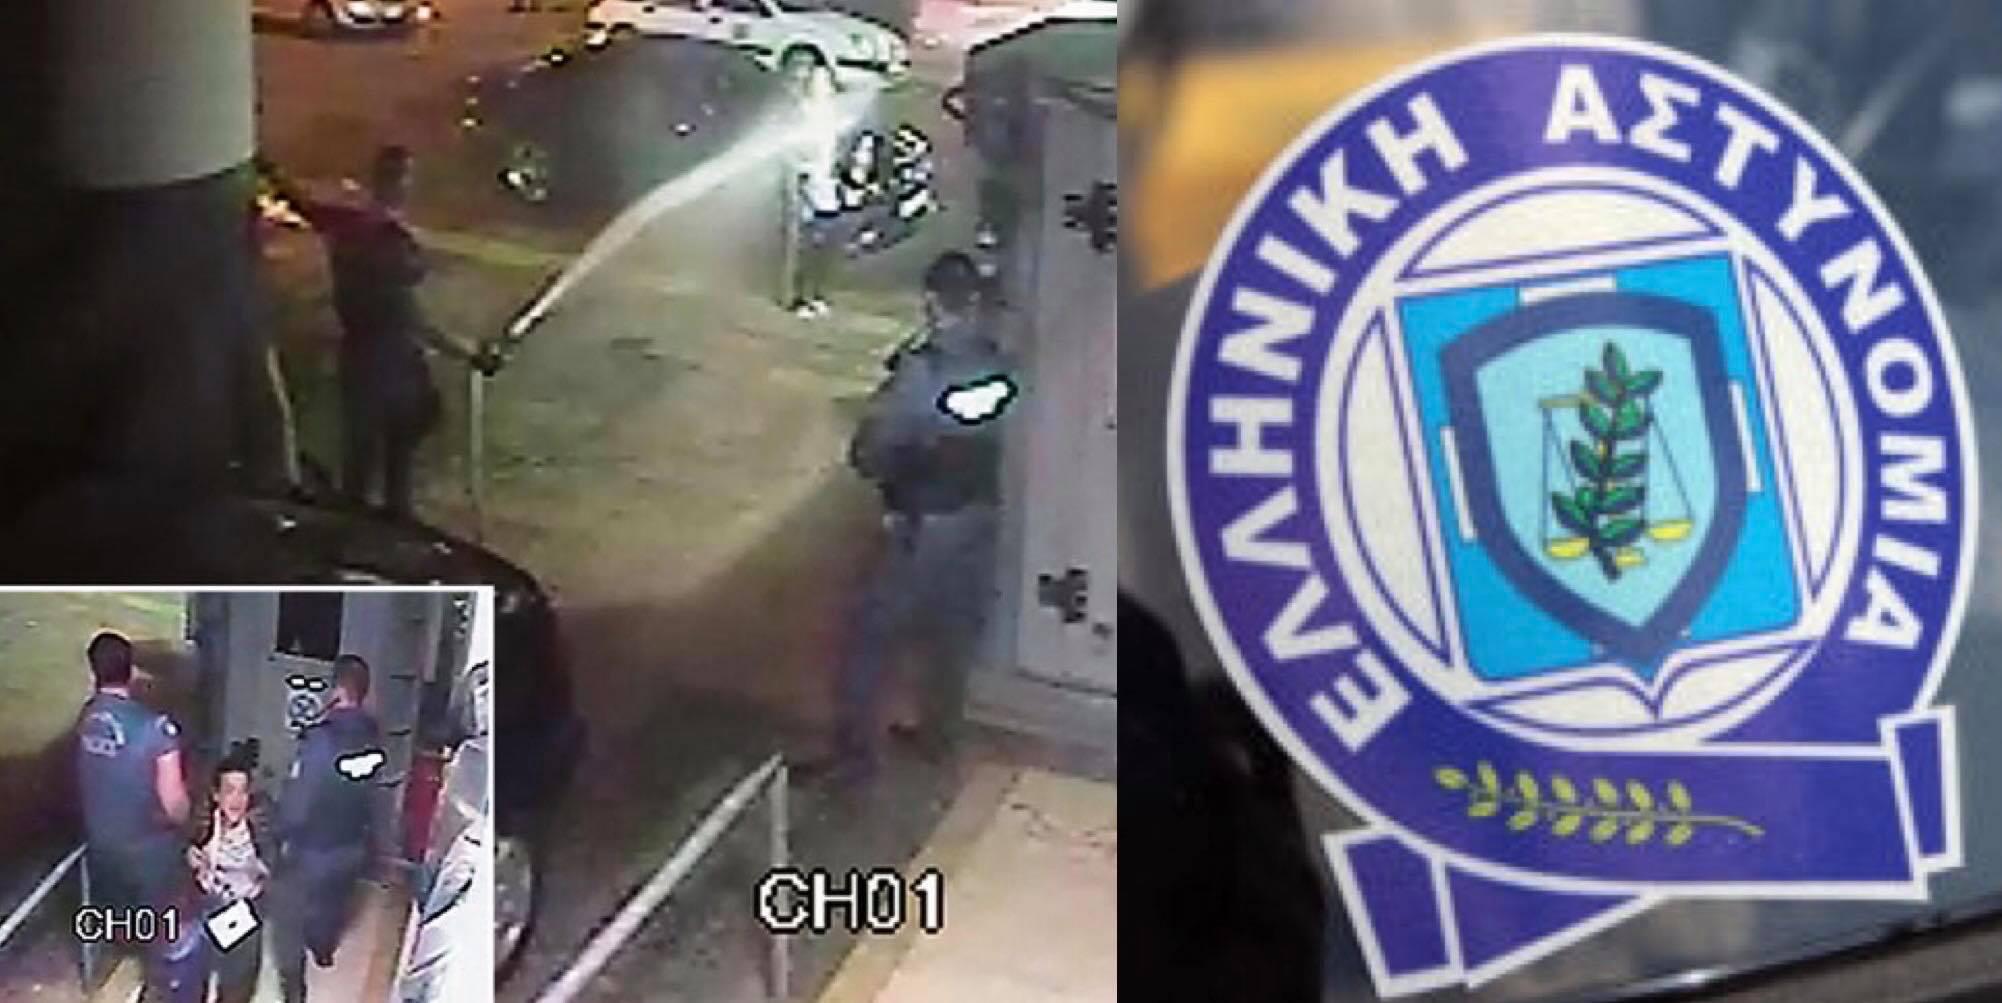 Αποκάλυψη: Σε διαθεσιμότητα τέθηκε ο αστυνομικός που κατέβρεξε γυναίκα έξω από το ΑΤ Ομονοίας (Βίντεο)